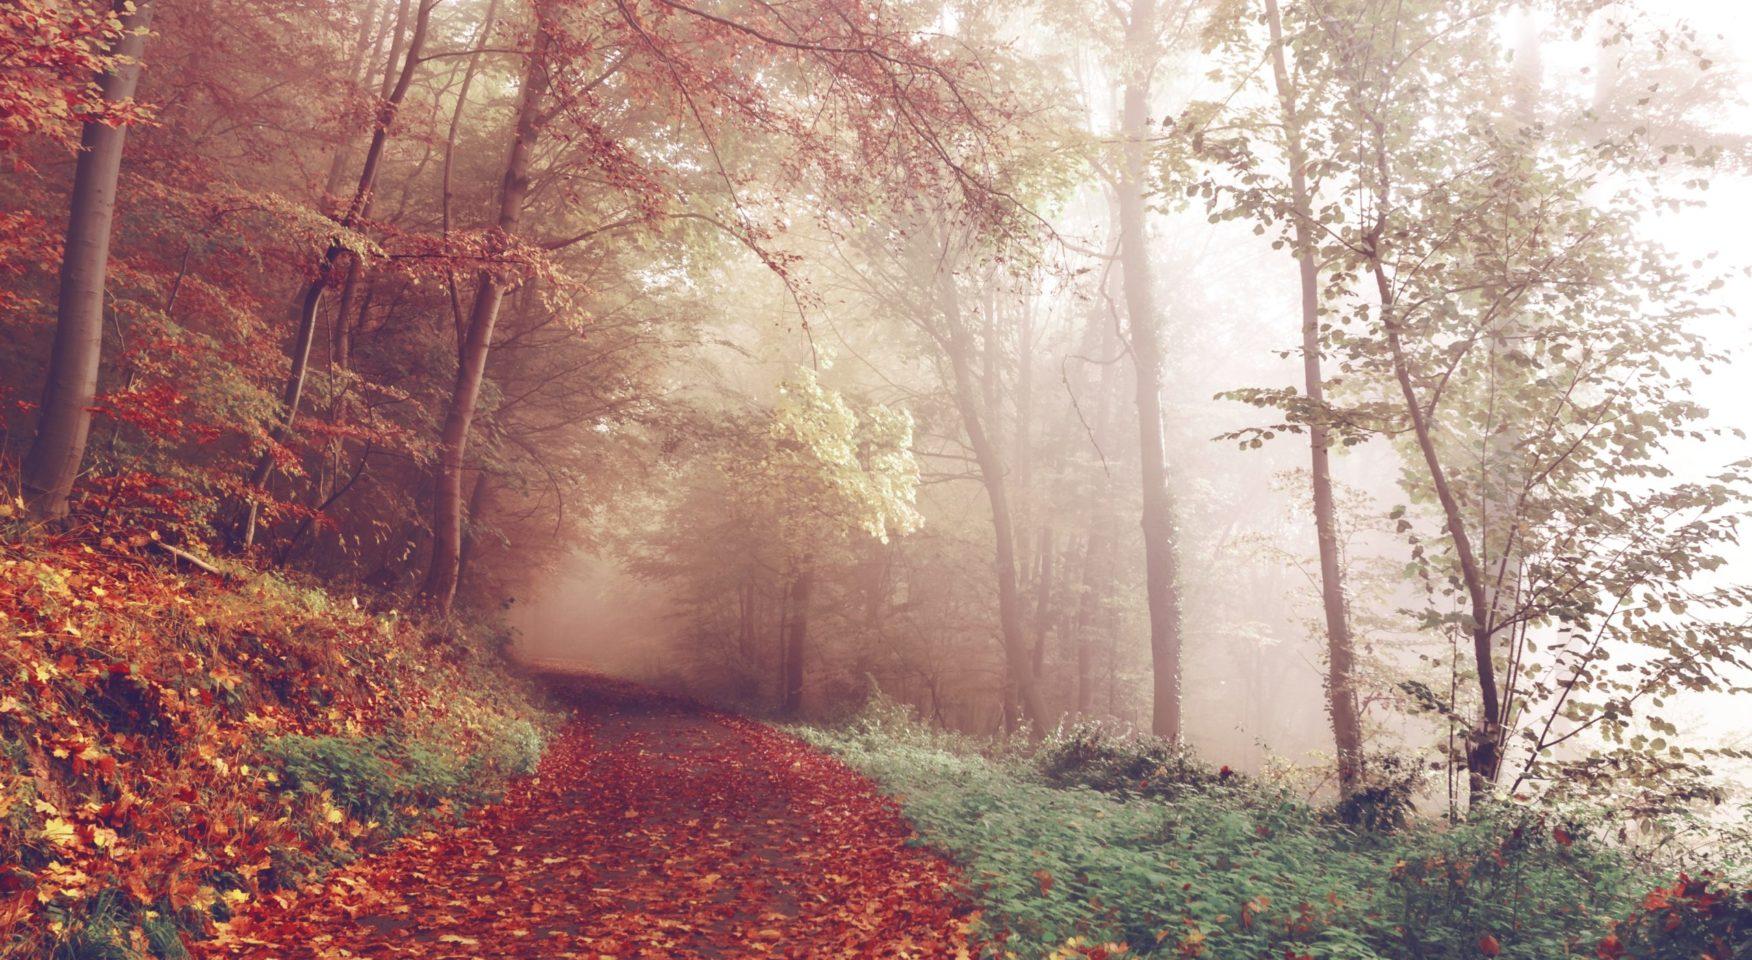 misty autumn mountain path